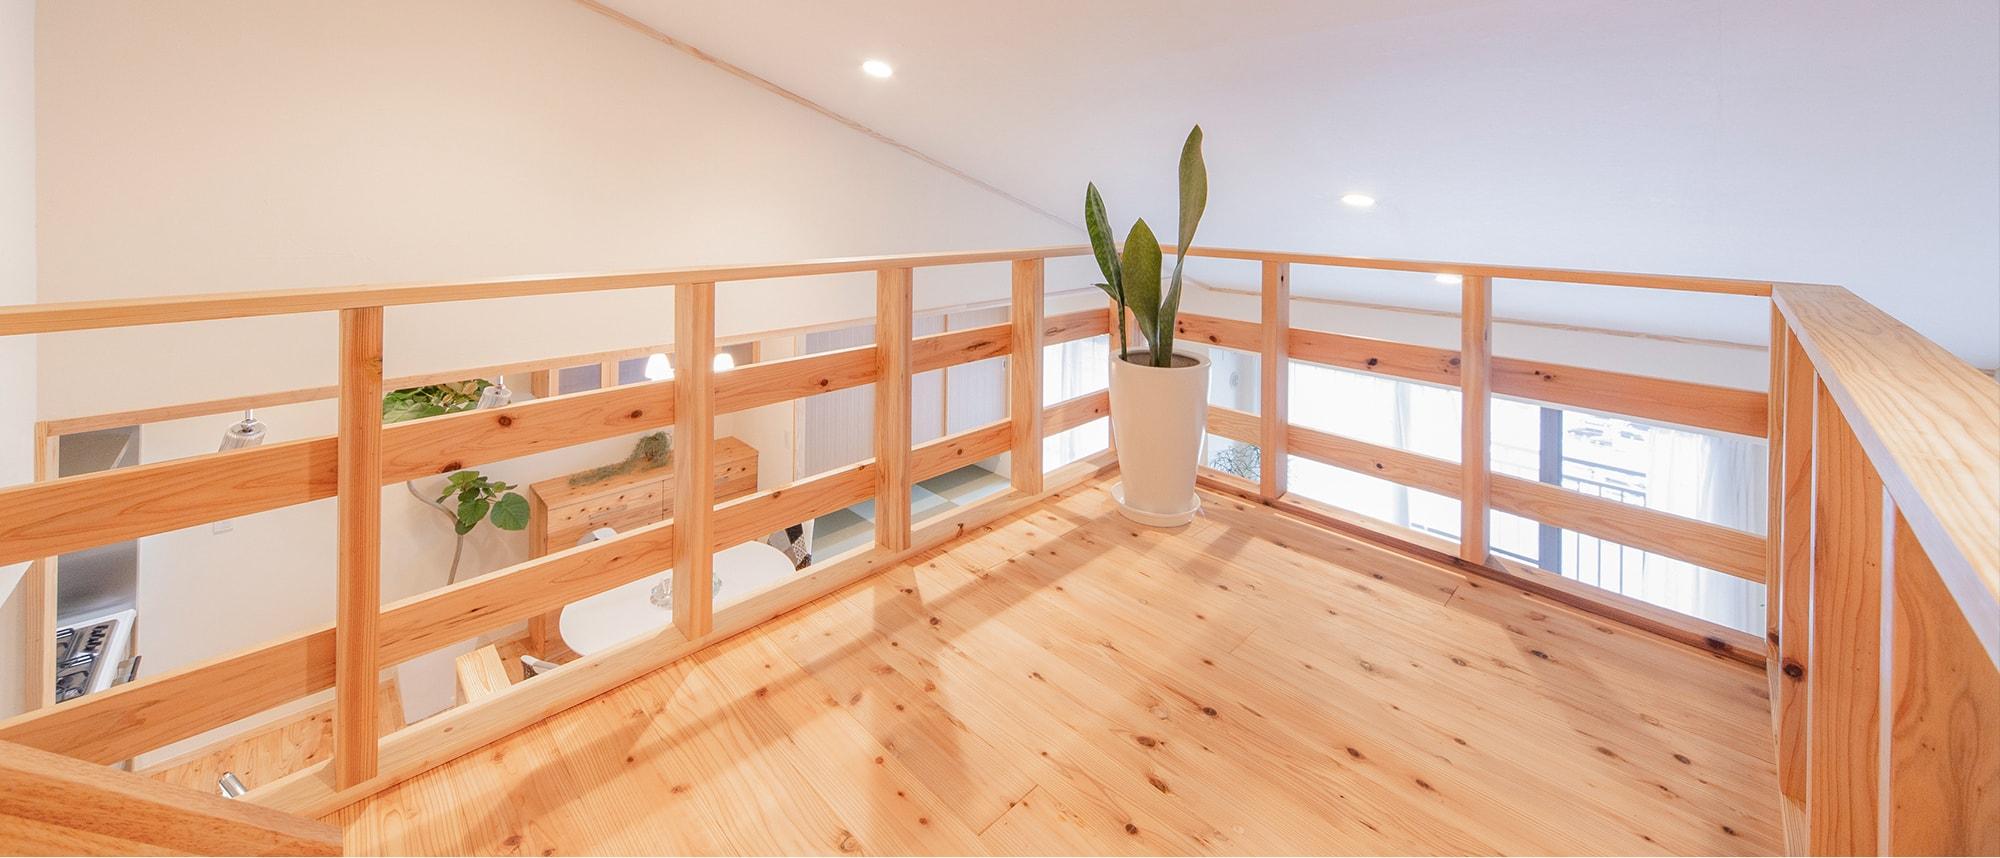 木箱 Meinohama 室内テラスの写真